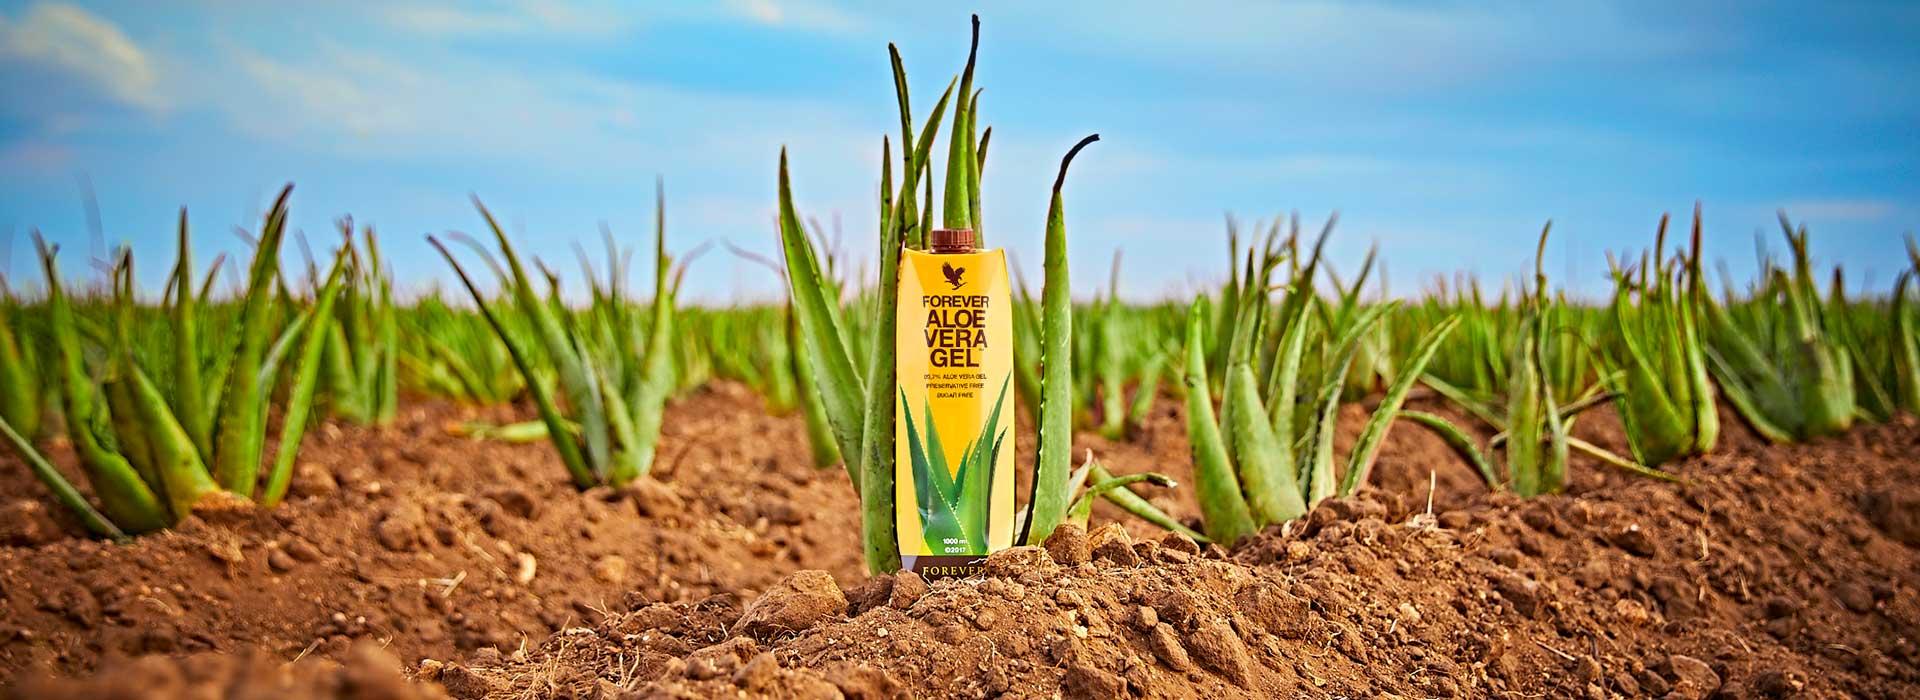 Pourquoi choisir nos pulpes Aloe vera en briques Tetra Pak ?